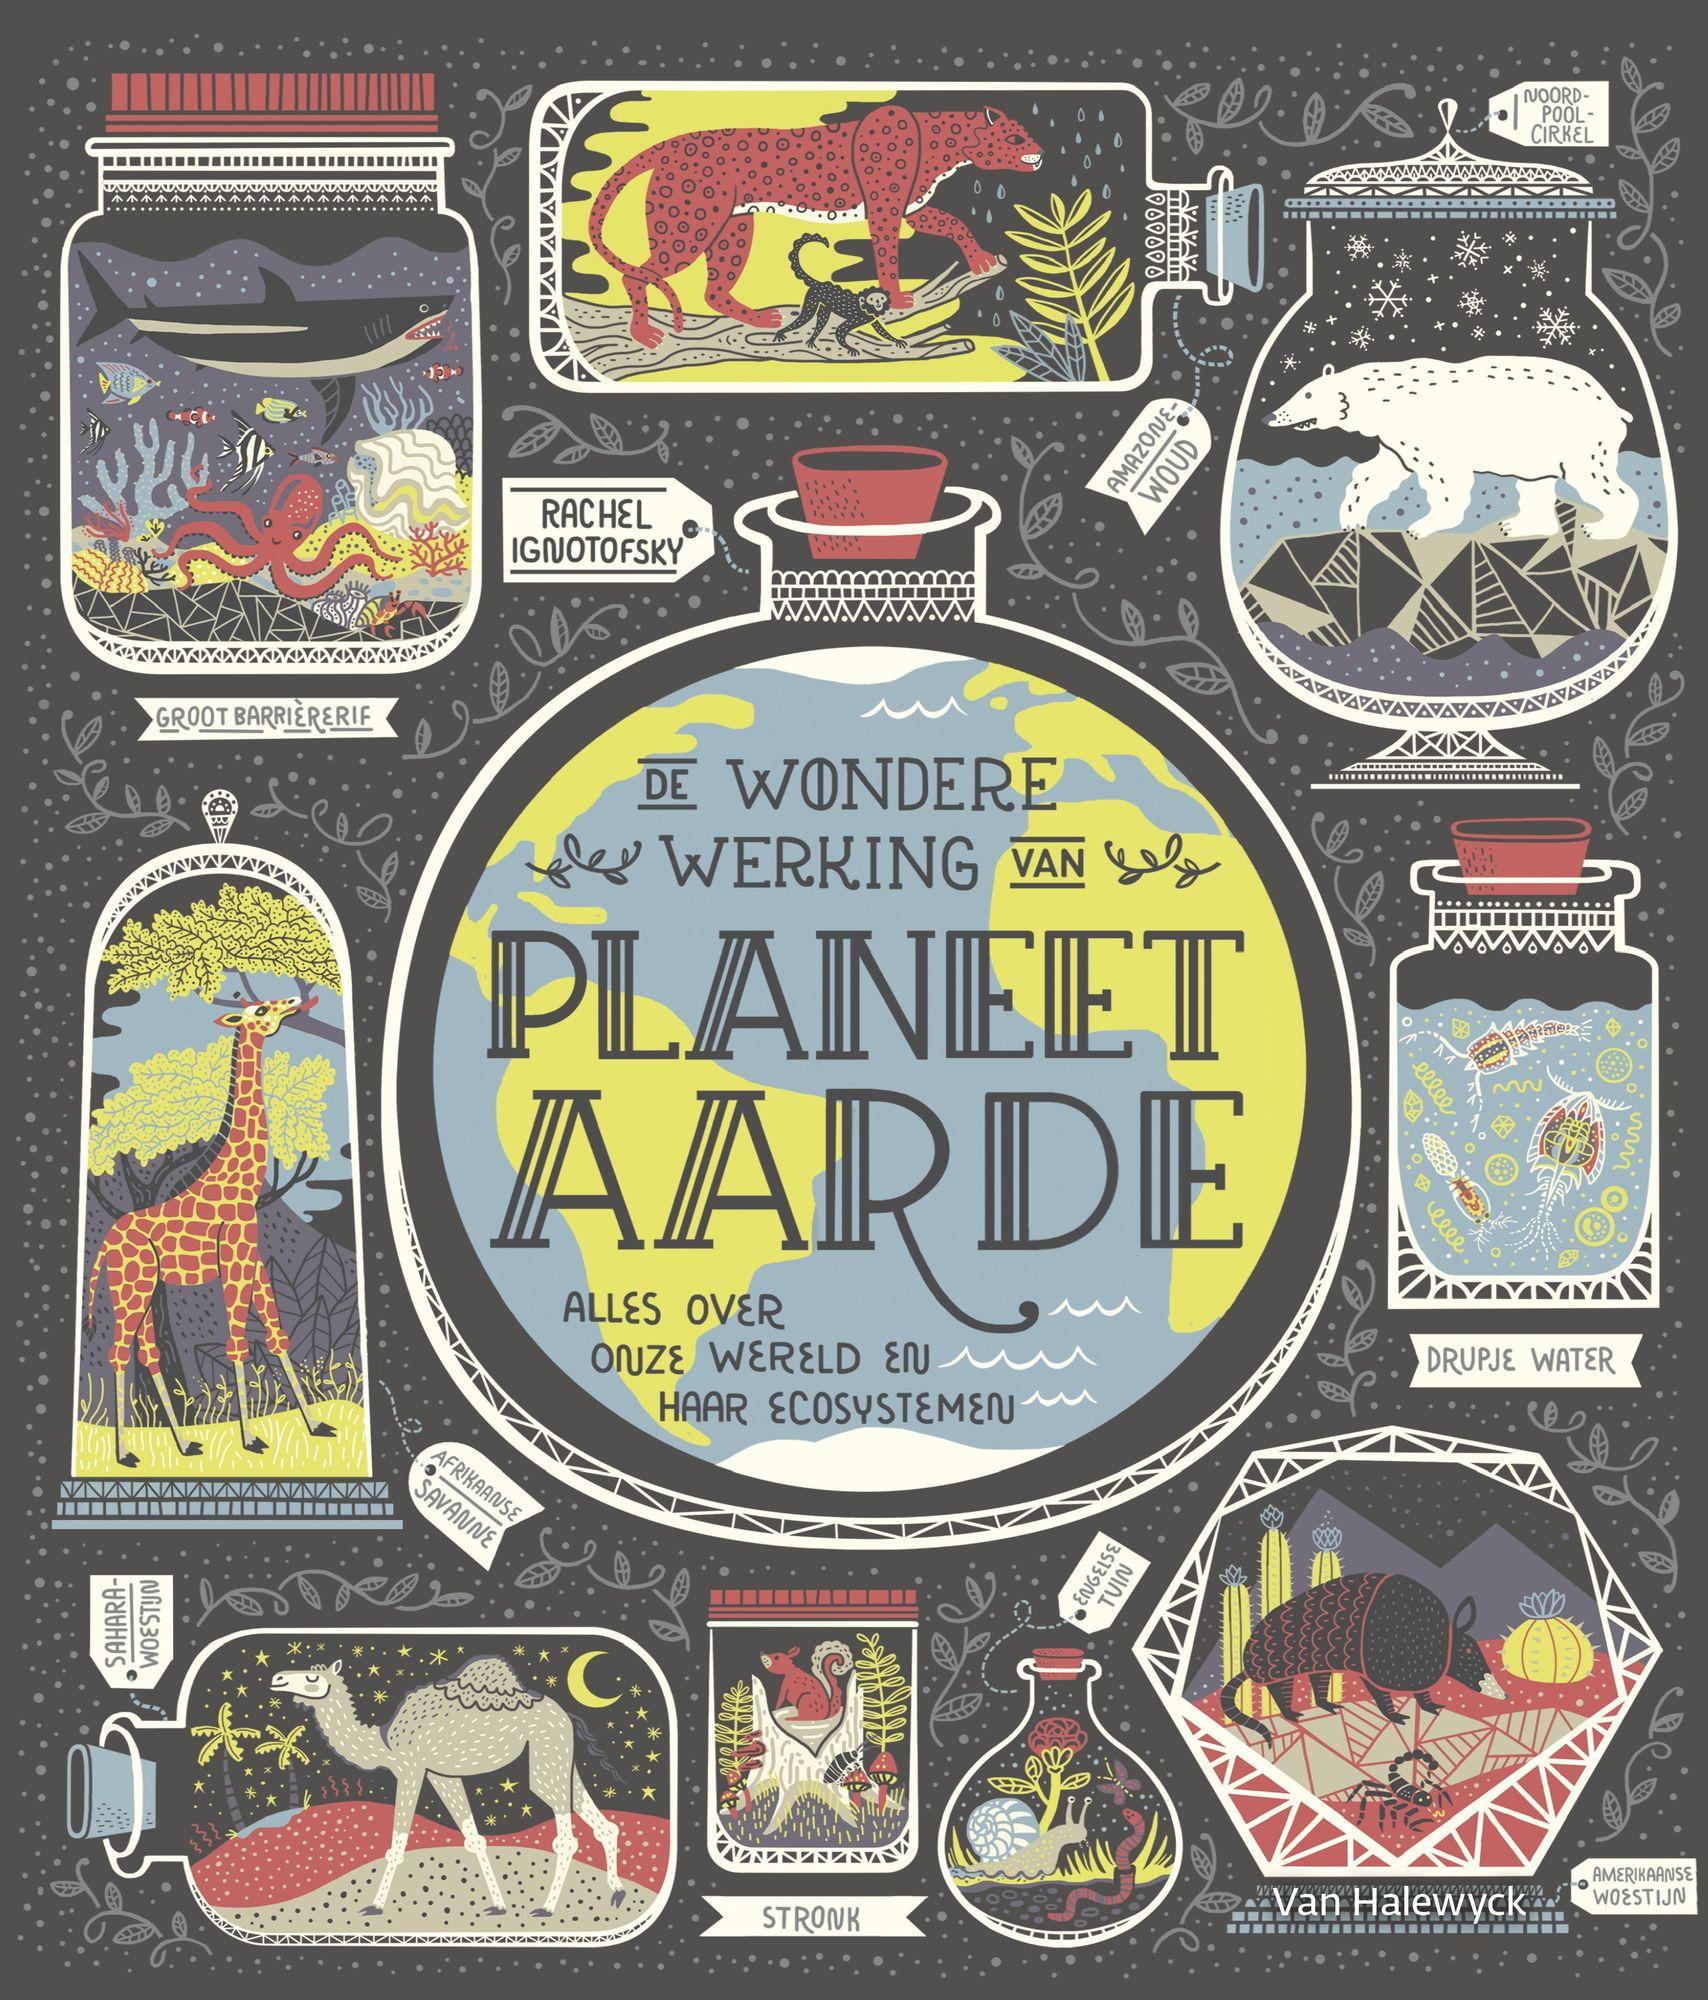 De wondere werking van planet aarde